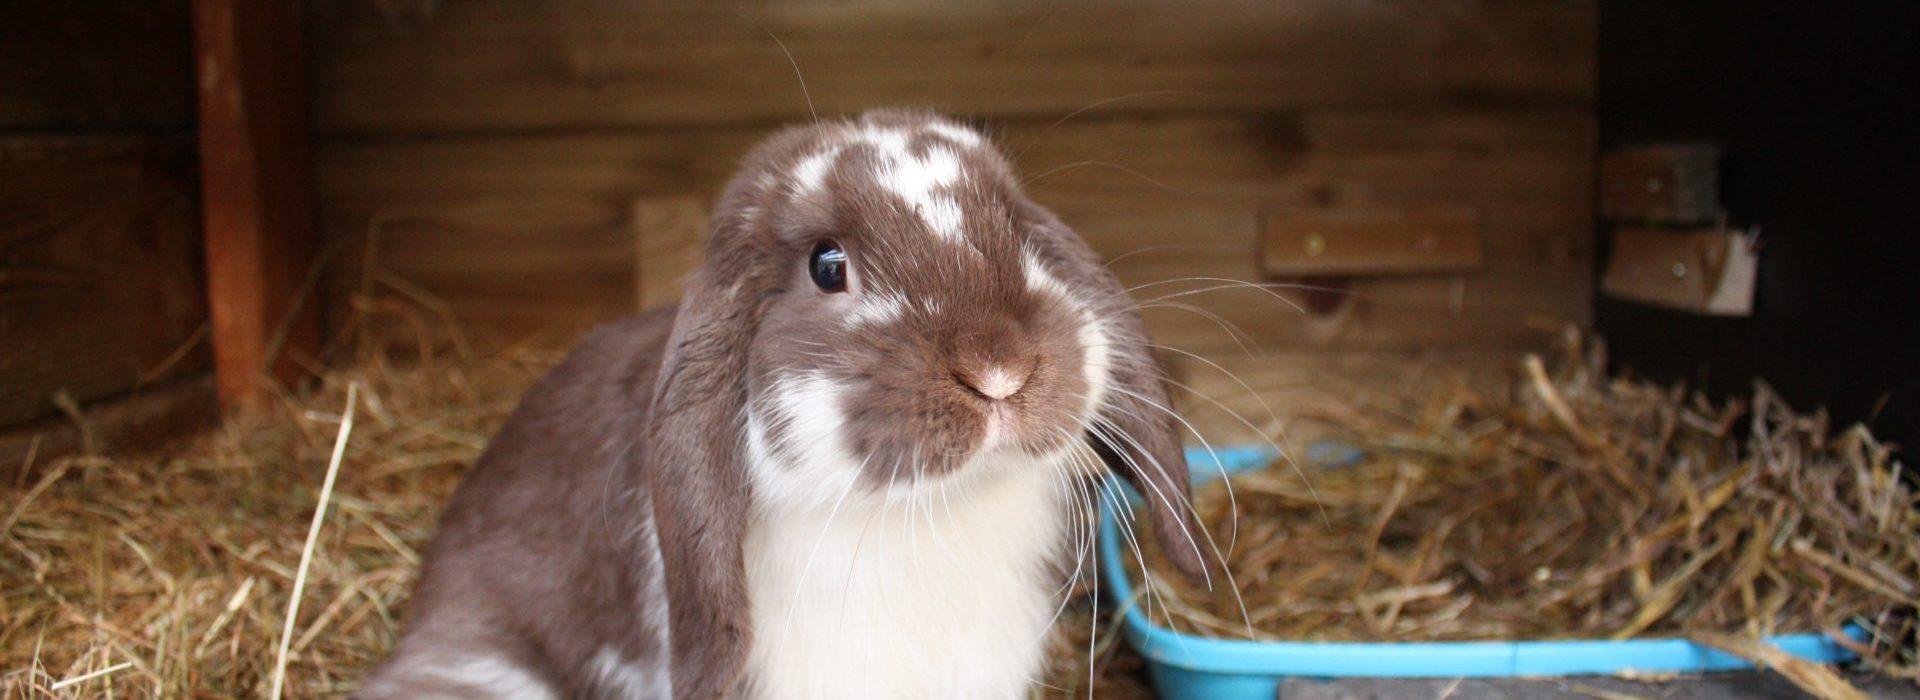 Hoe ziet een gezond en verantwoord konijnenmenu eruit?